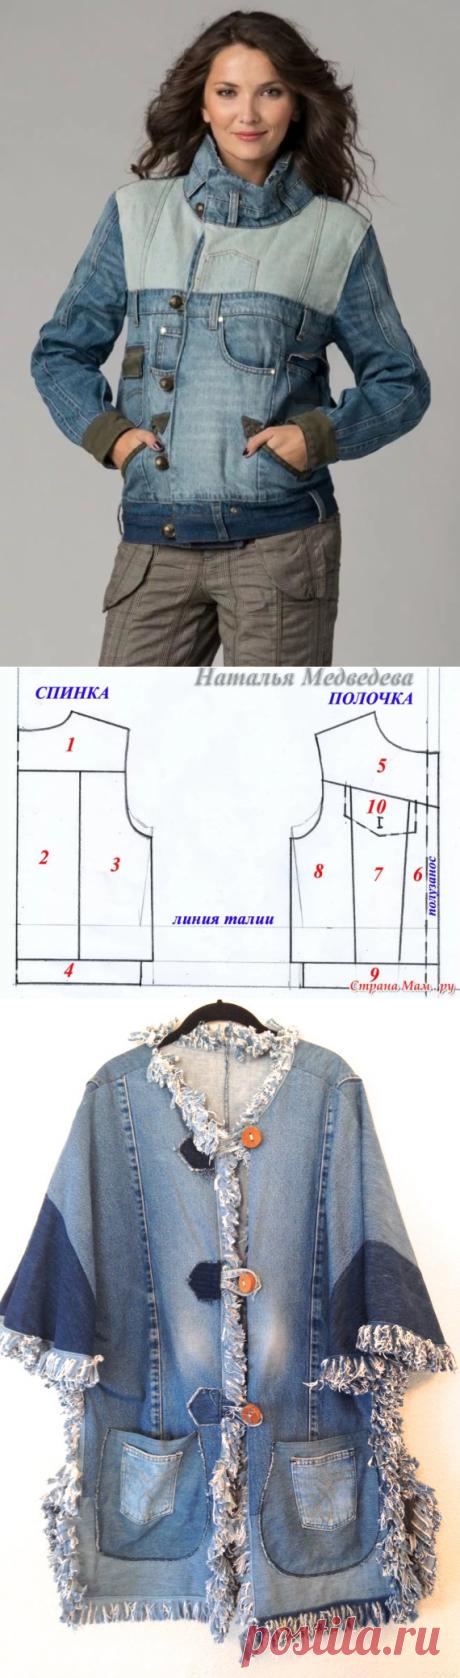 De los vaqueros viejos. Los rehacimientos. La parte 7. Las chaquetas, la cazadora.: 14 tys de las imágenes es encontrado en el Yandex. Las estampas